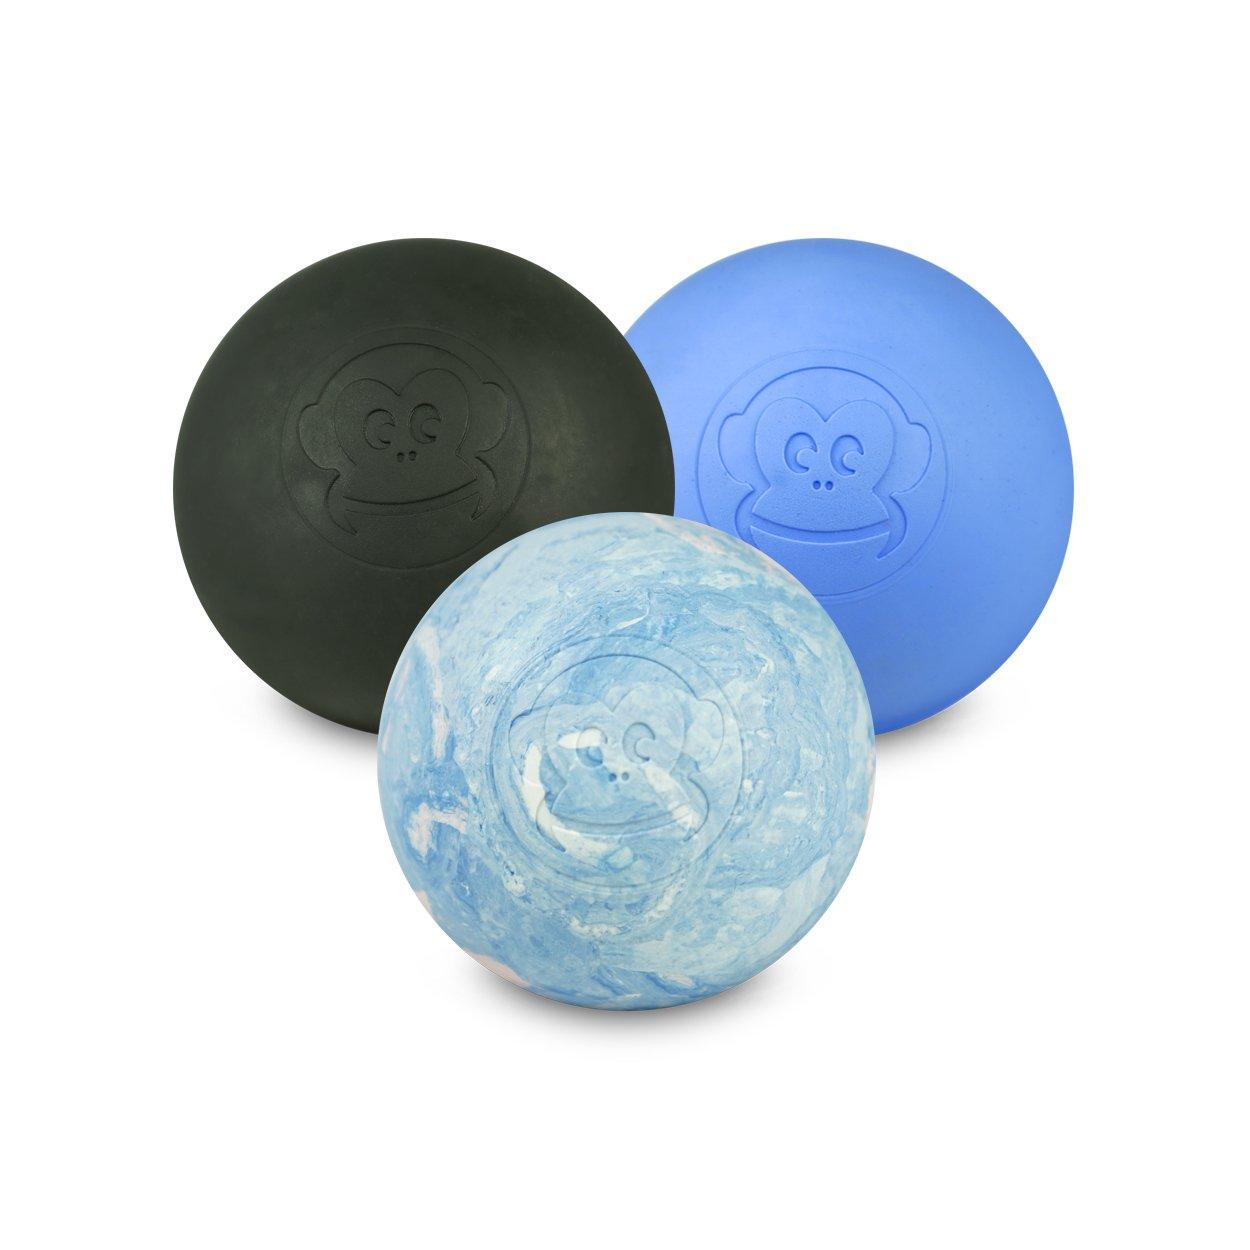 Captain LAX Massageball Original - Lacrosseball im 3er Pack in Schwarz, Blau, Weiß/Pink/Hellblau, aus Hartgummi, Größe einzeln 6 x 6 cm geeignet für Triggerpunkt- & Faszienmassage/Crossfit Weiß/Pink/Hellblau